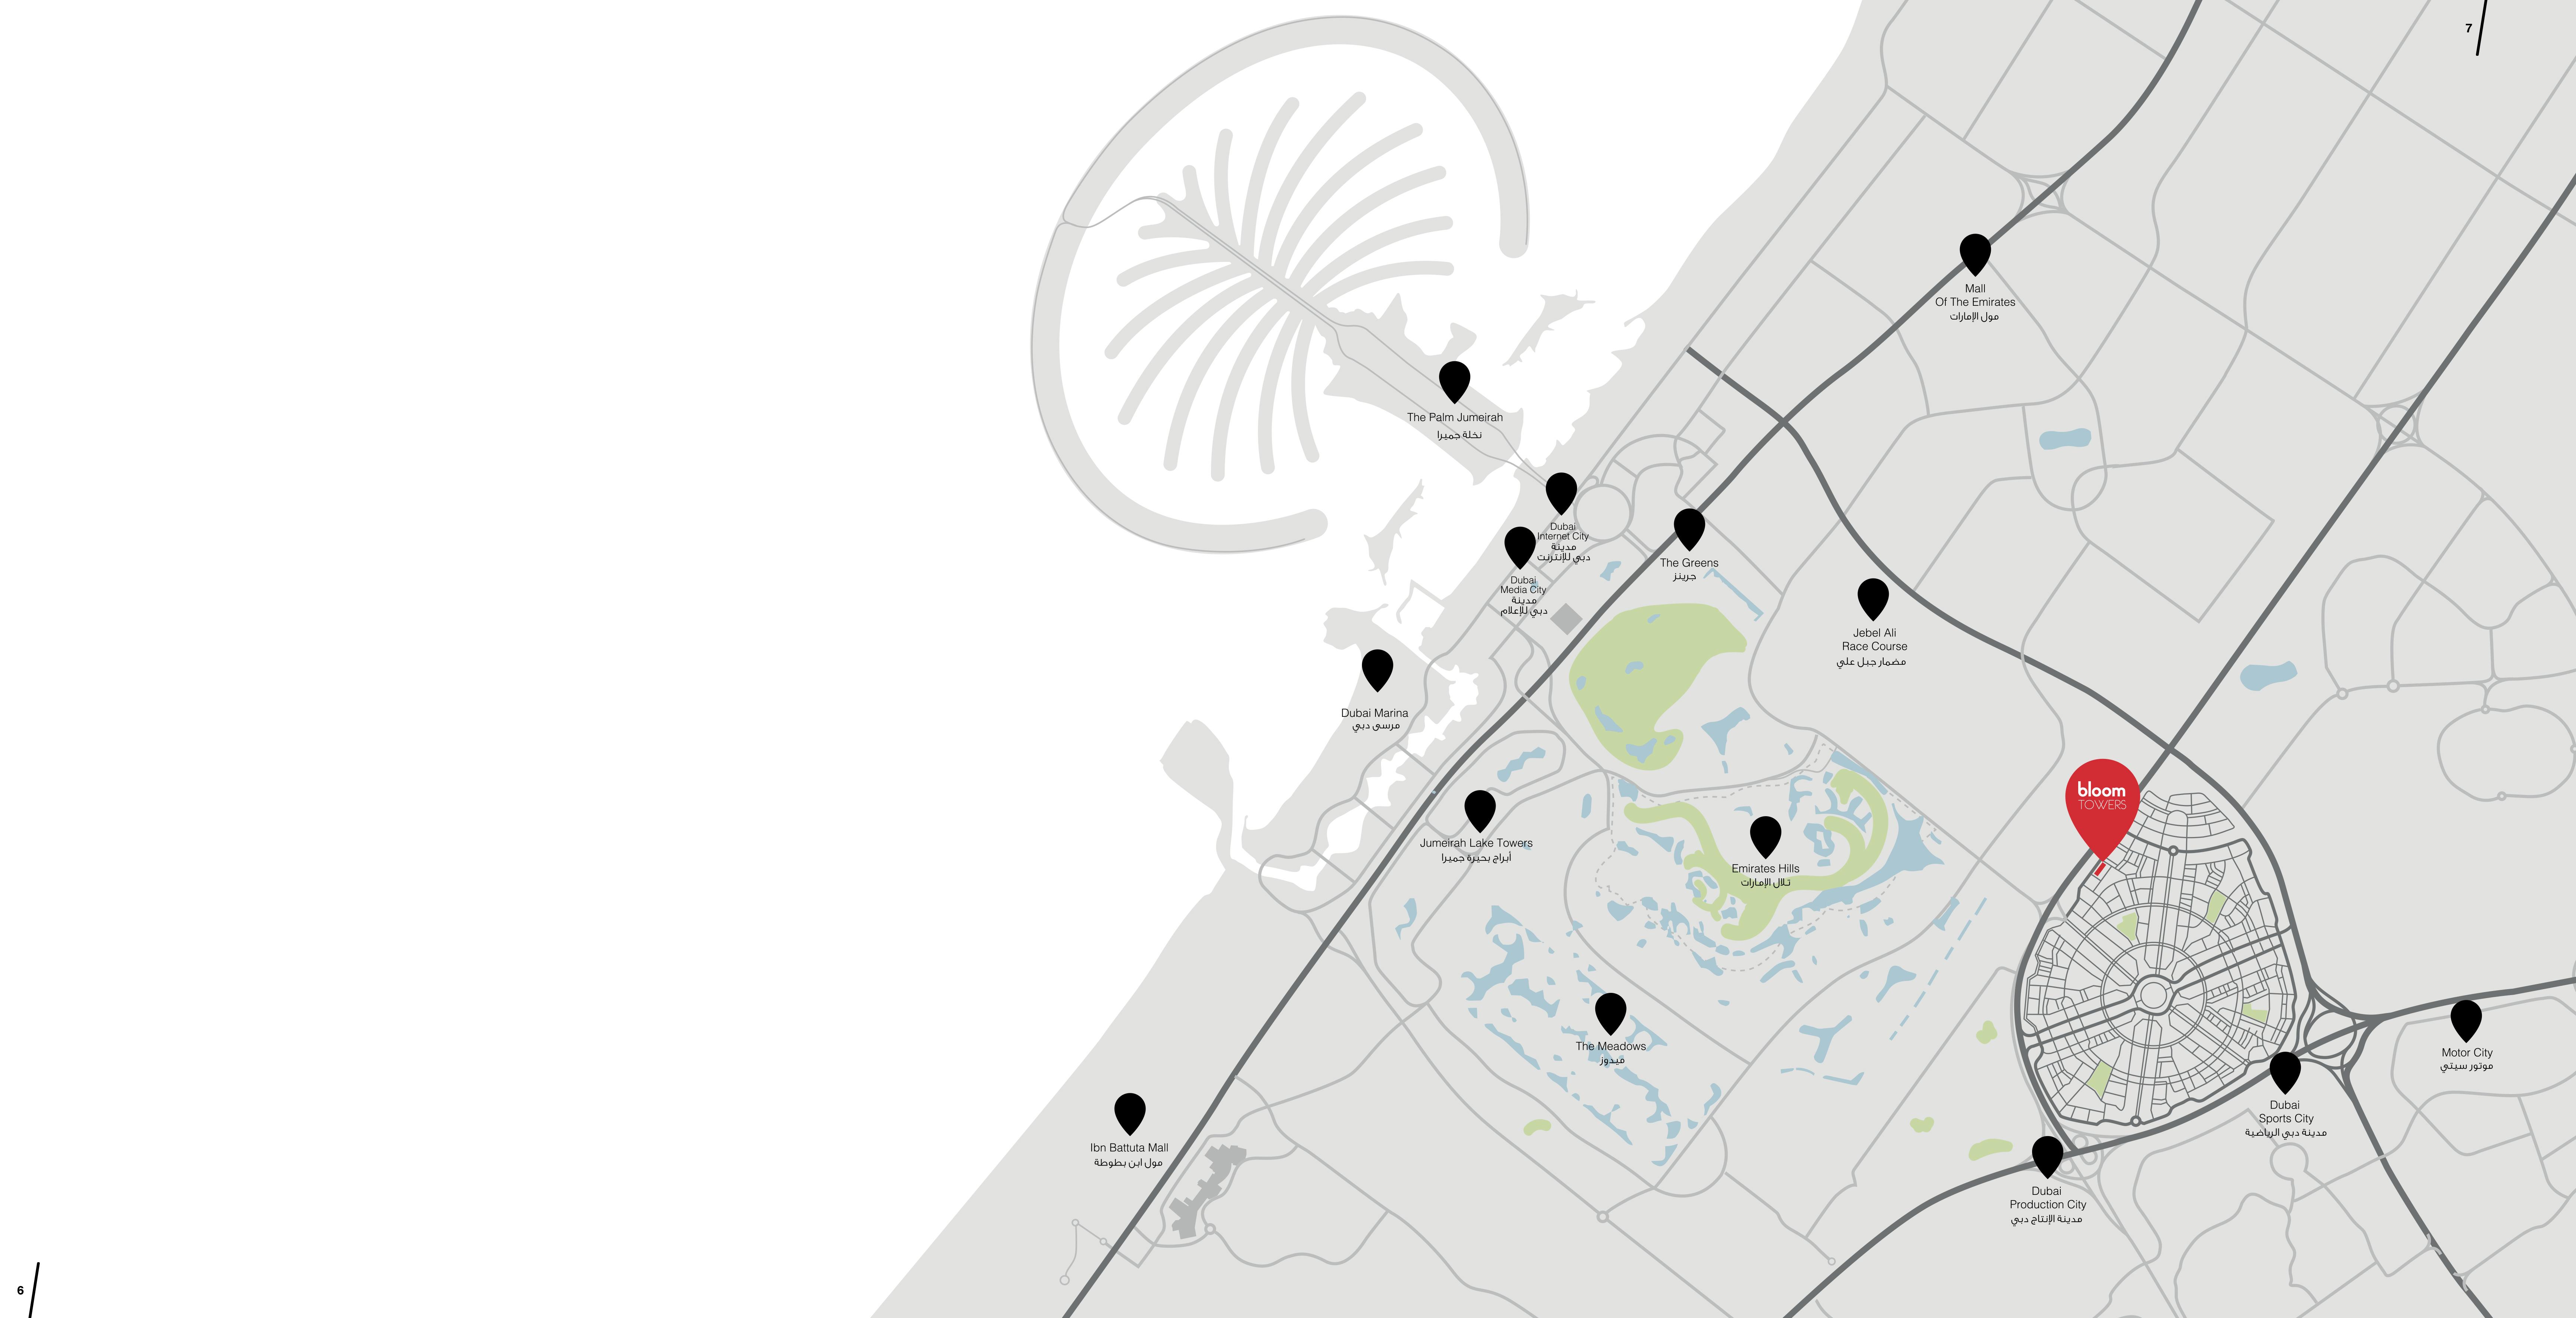 أبراج-بلوم-قرية-جميرا خريطة الموقع